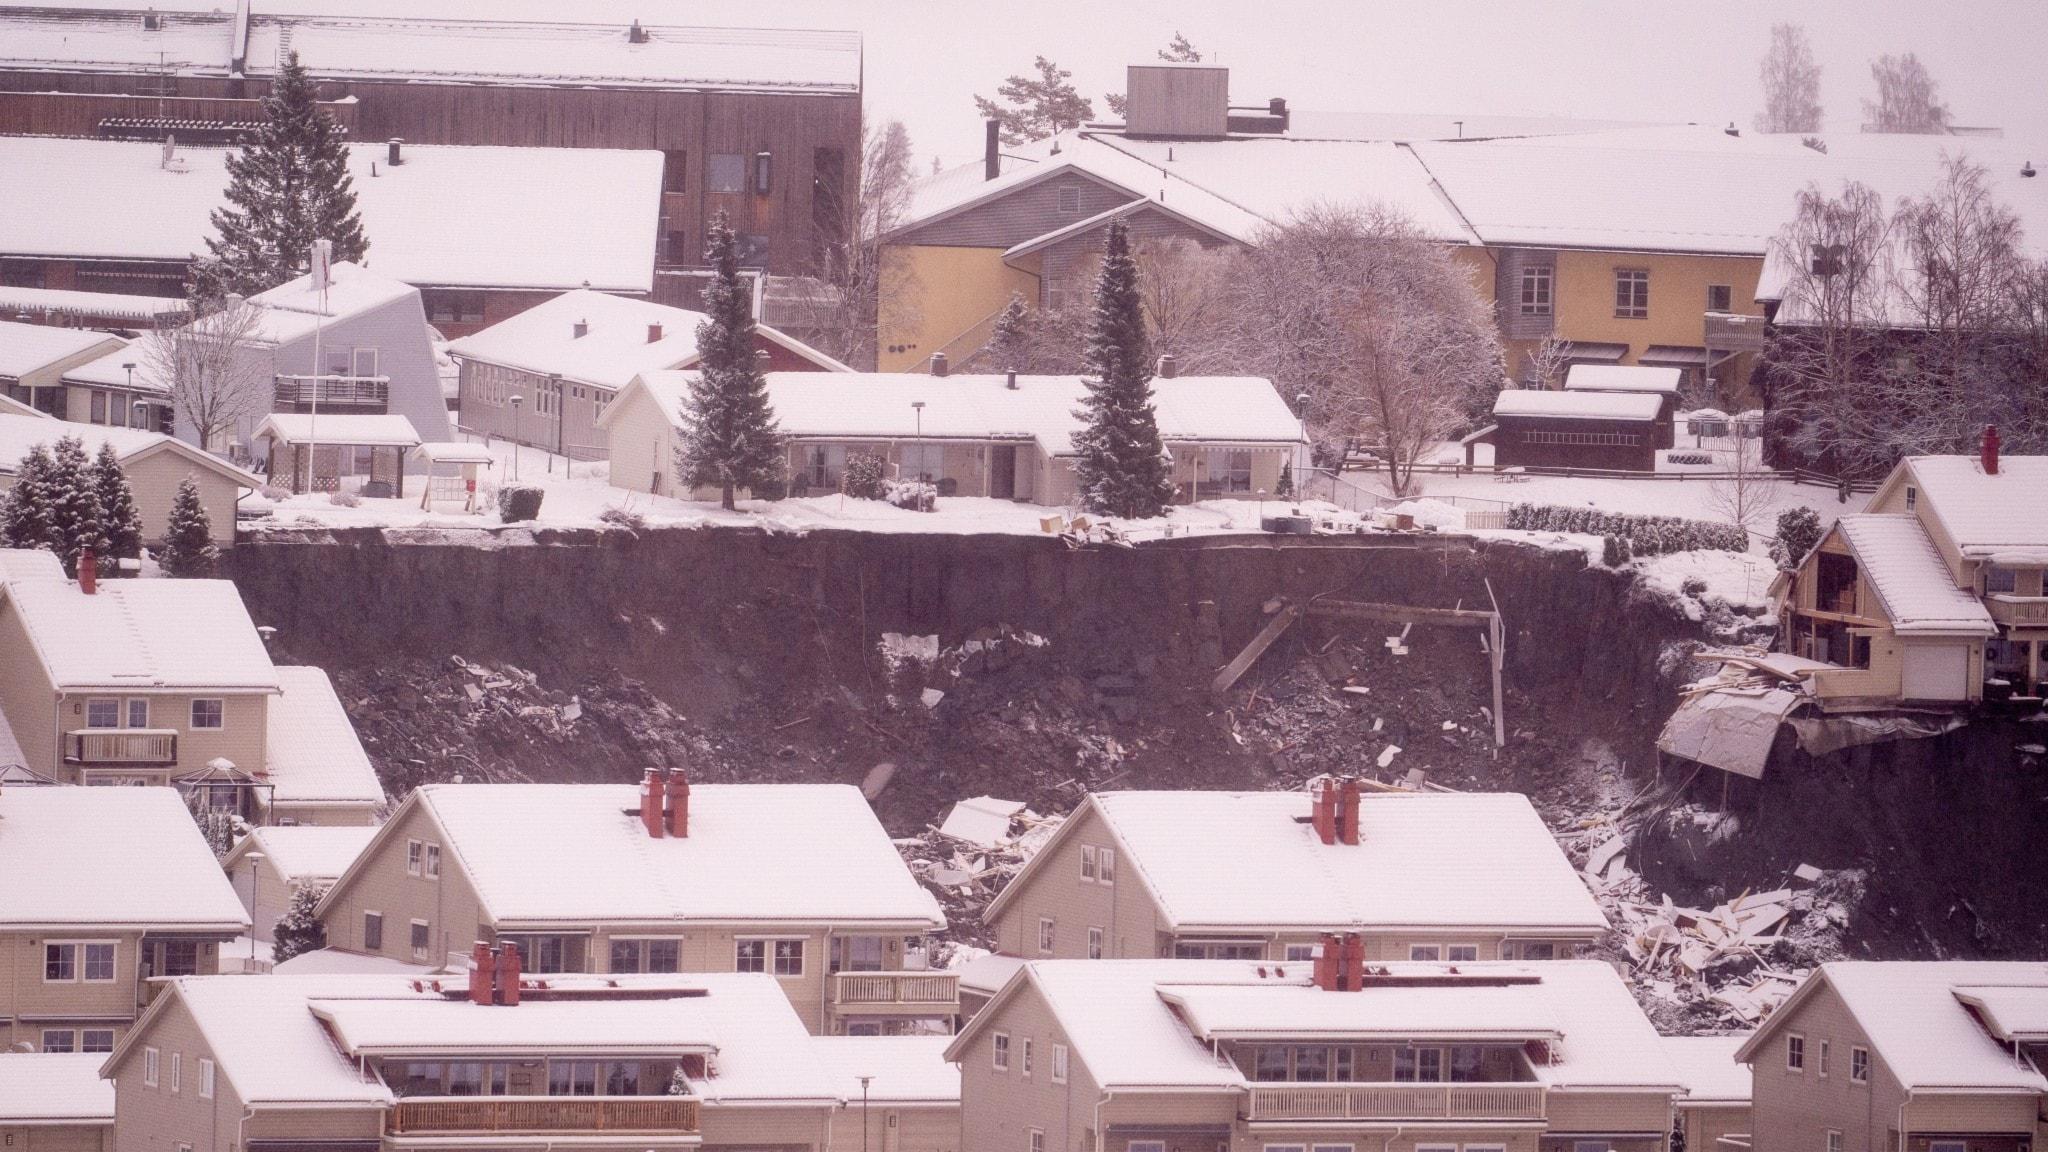 Hus i Gjerdrum i Norge och ett område som rasat.